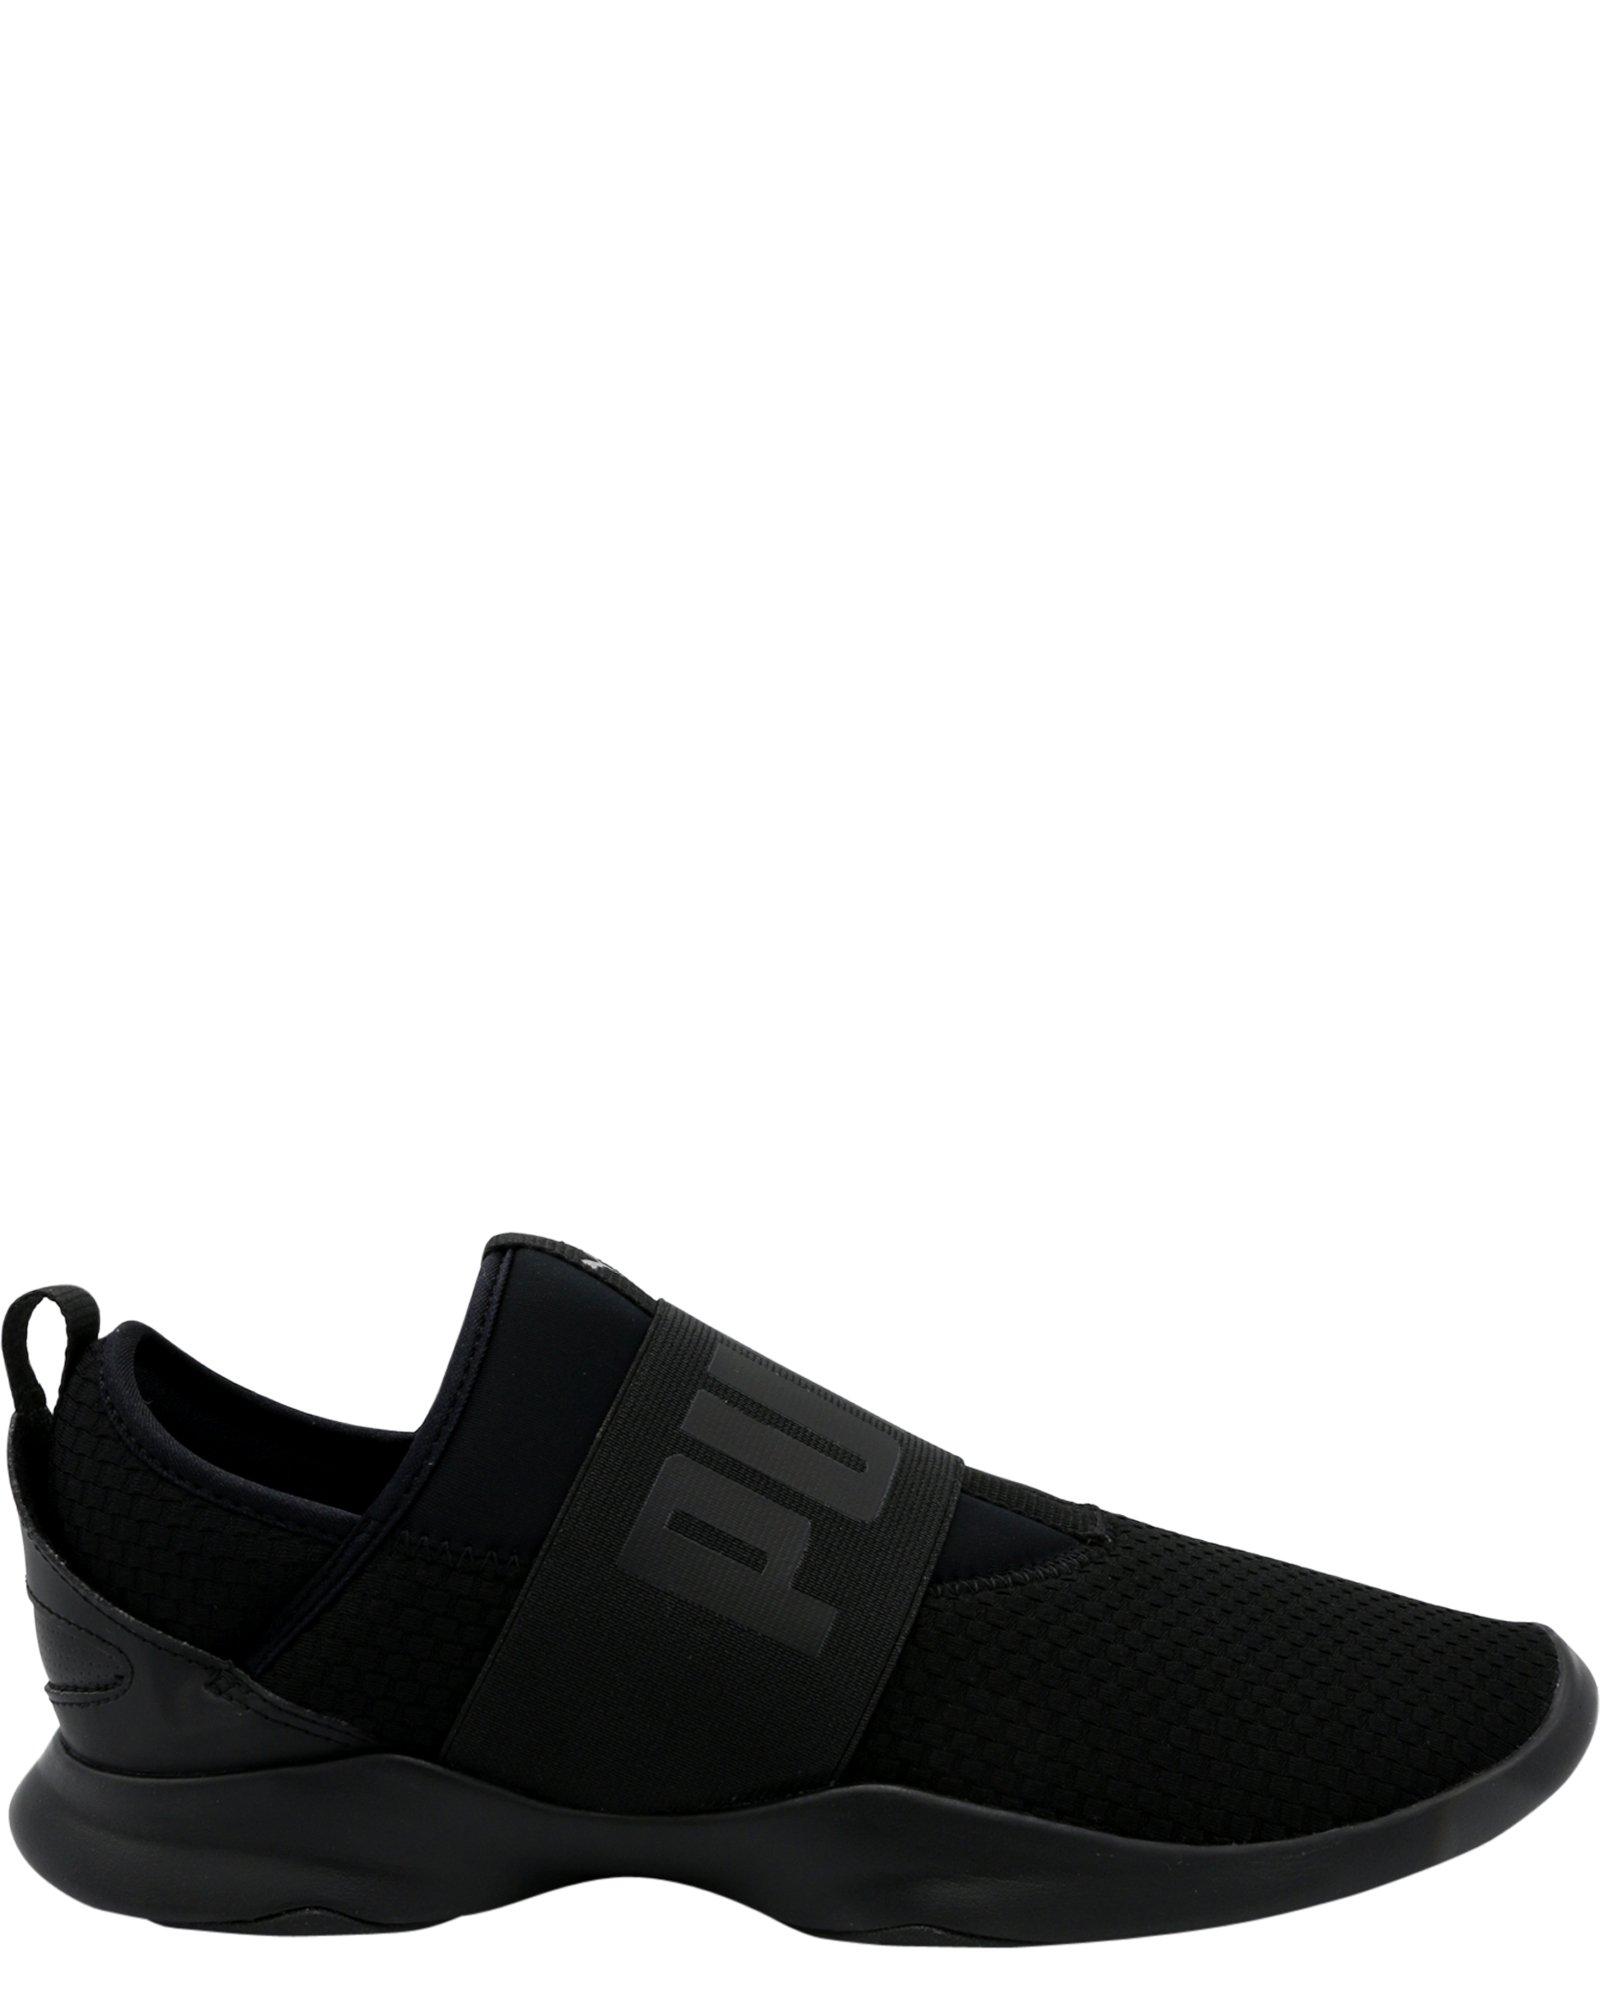 PUMA Women's Dare WNS En Pointe Sneaker, Black Black, 9 M US